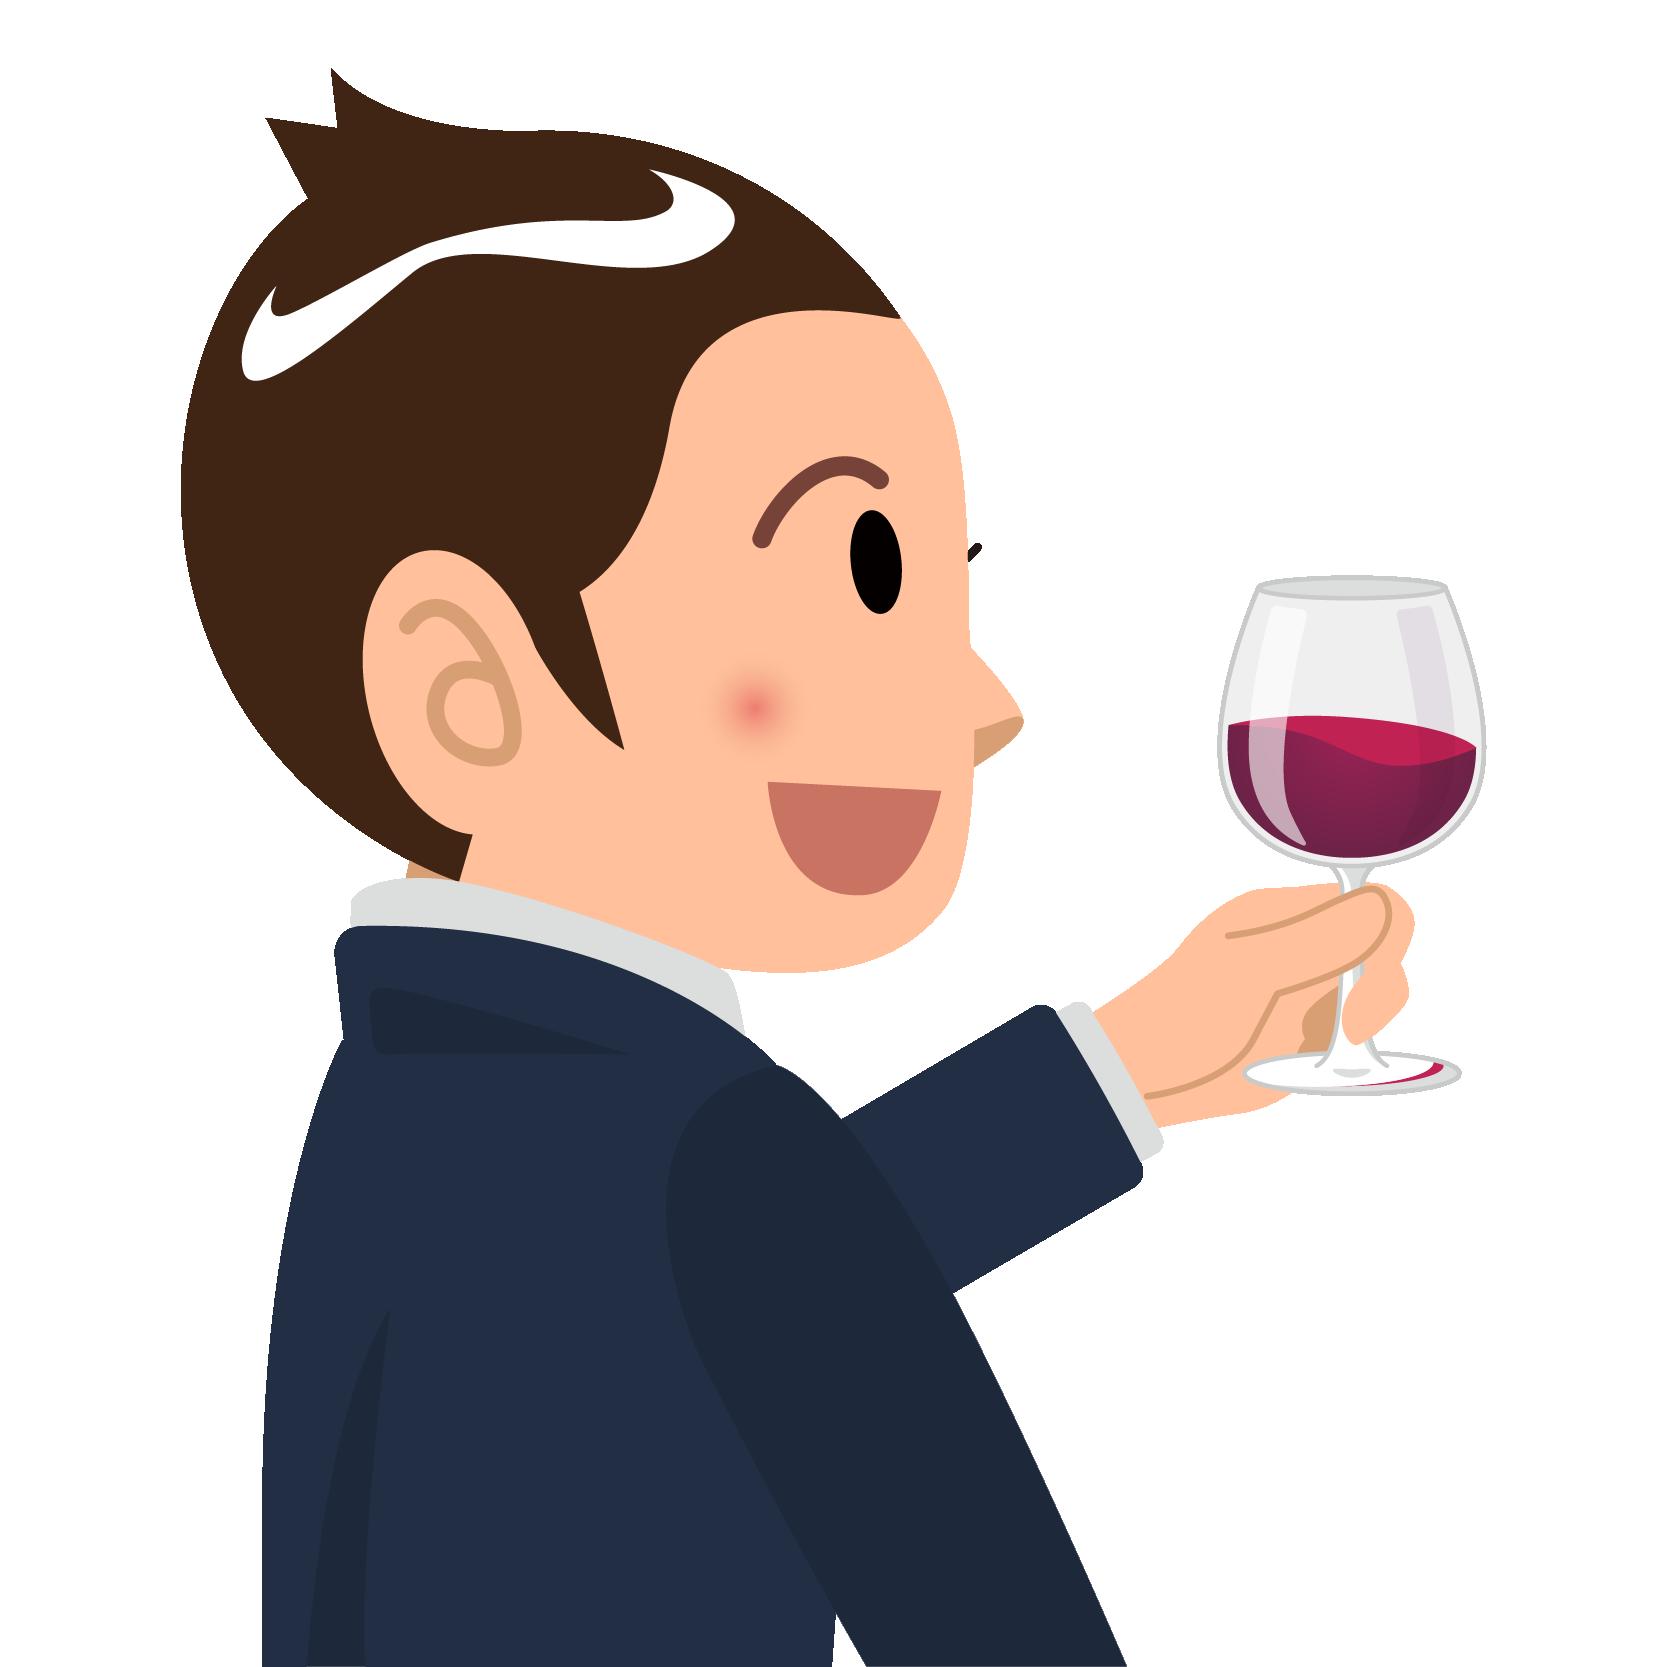 商用フリーイラスト無料_11月_ボジョレーヌーボー_ワイン_赤_Beaujolais Nouveau_乾杯_男性_右向き